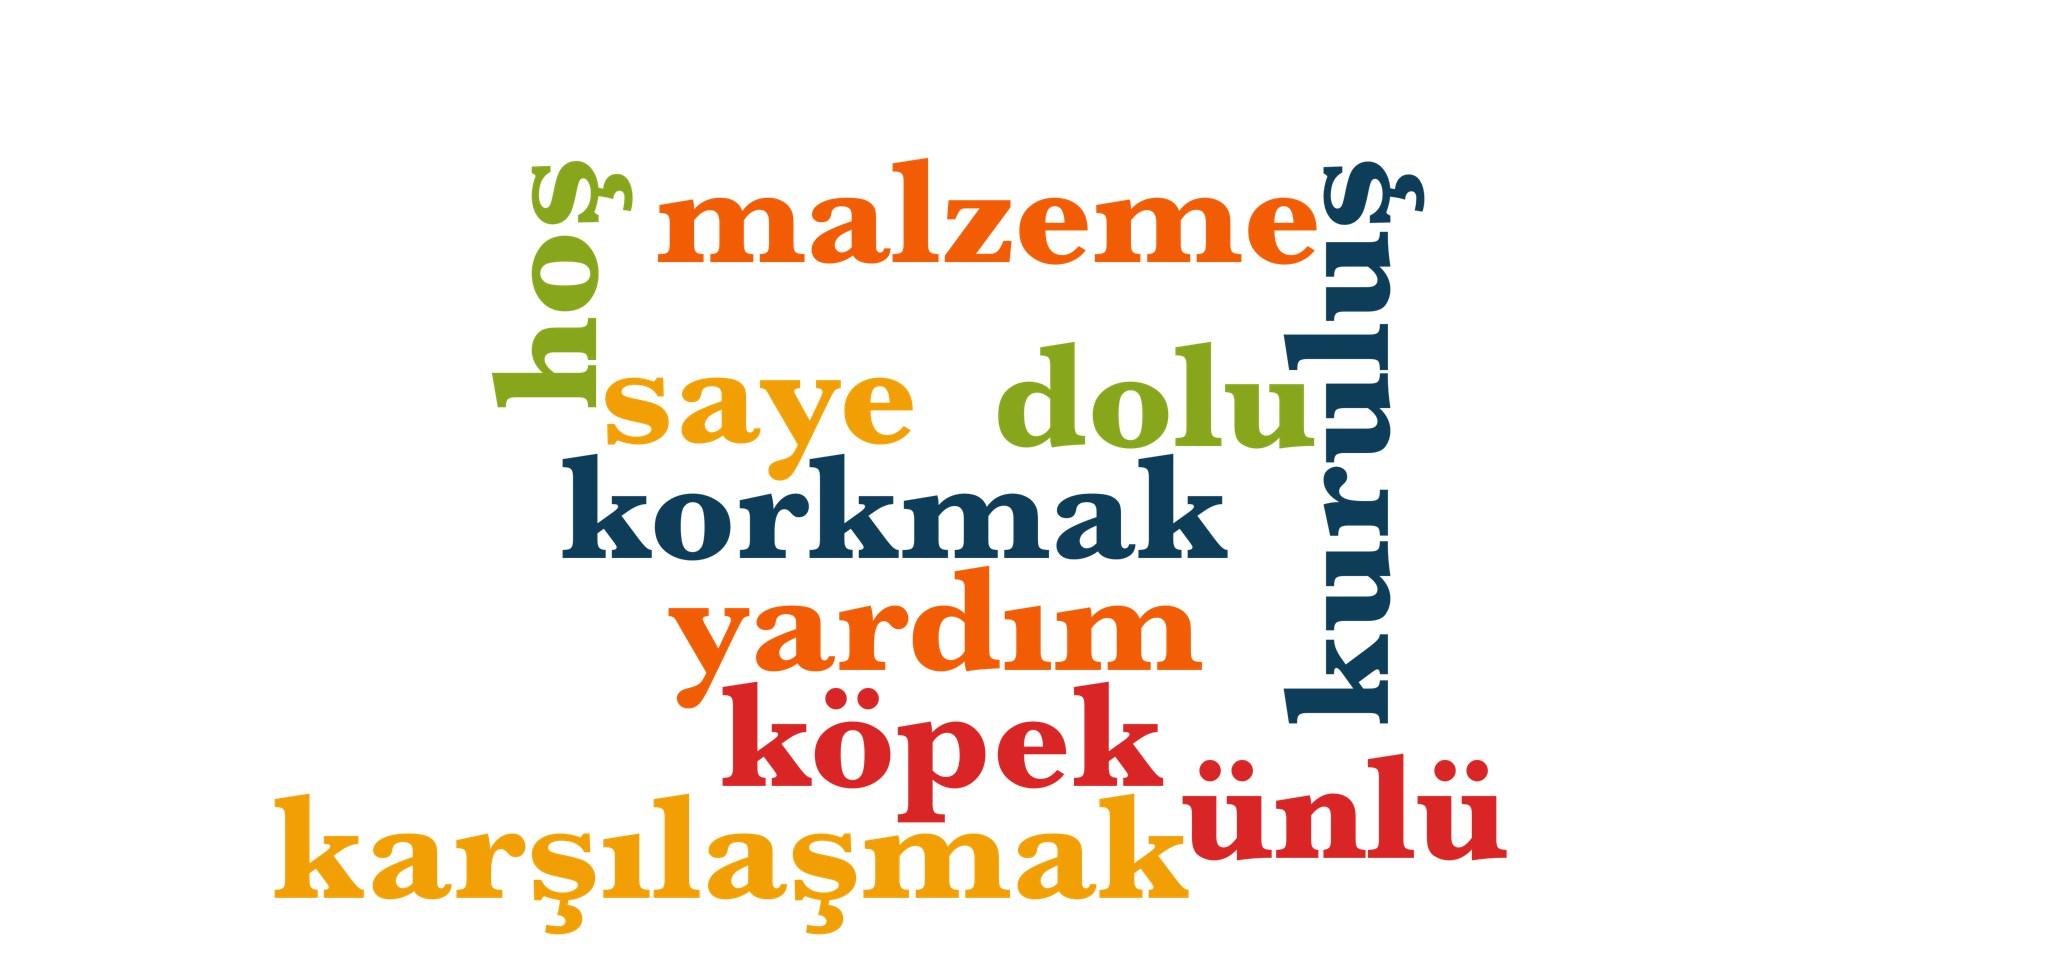 Wörter 541 bis 550 der 1000 häufigsten Wörter der türkischen Sprache